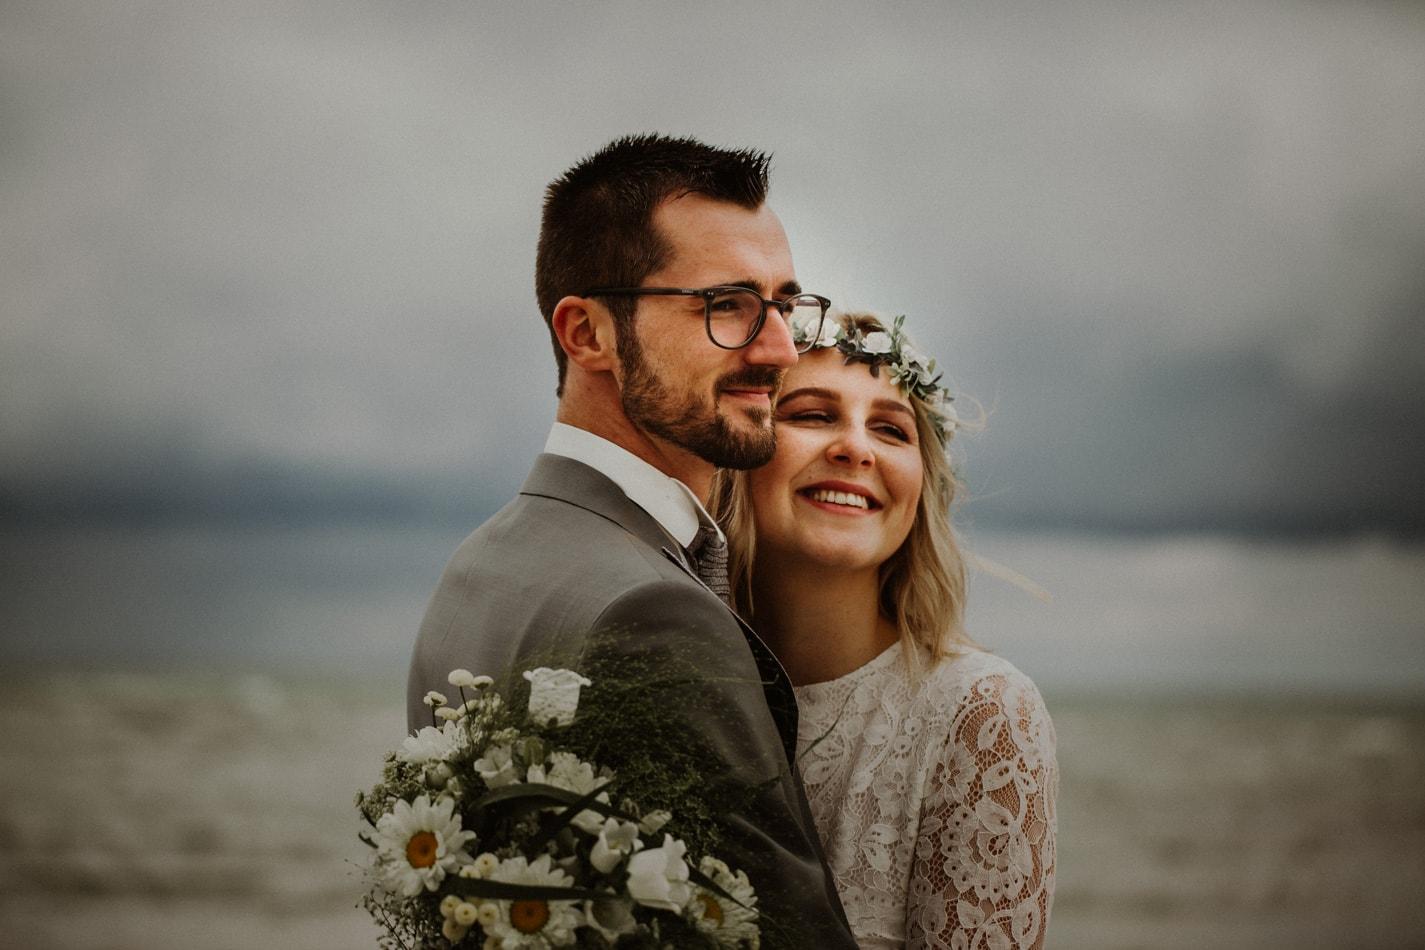 Brautpaar in Stein während Hochzeitsshooting am Strand